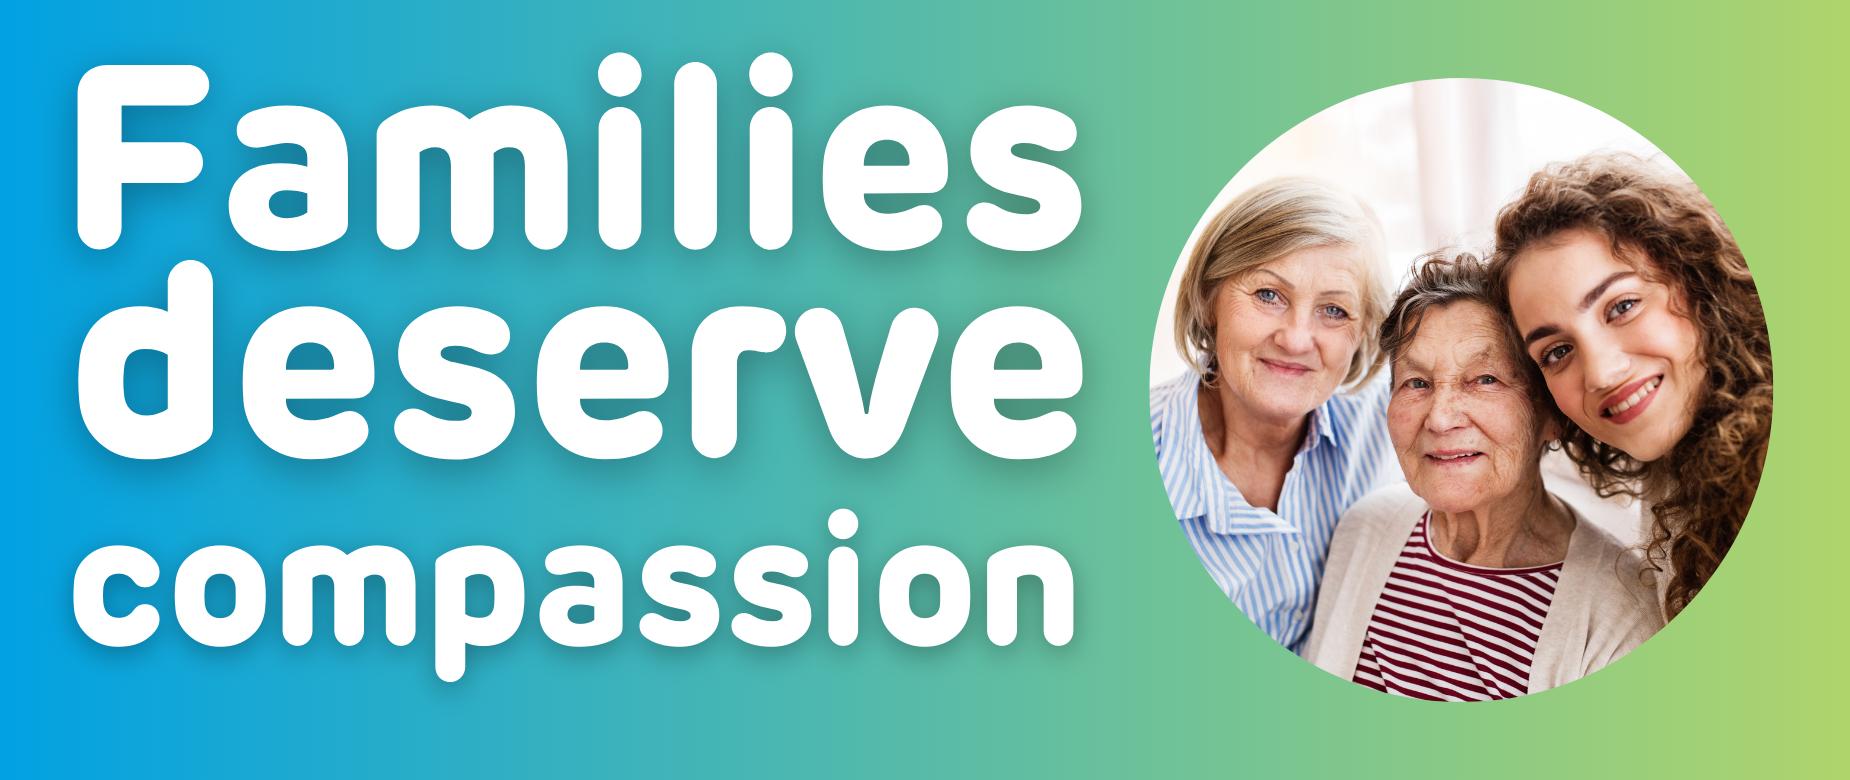 Families deserve compassion